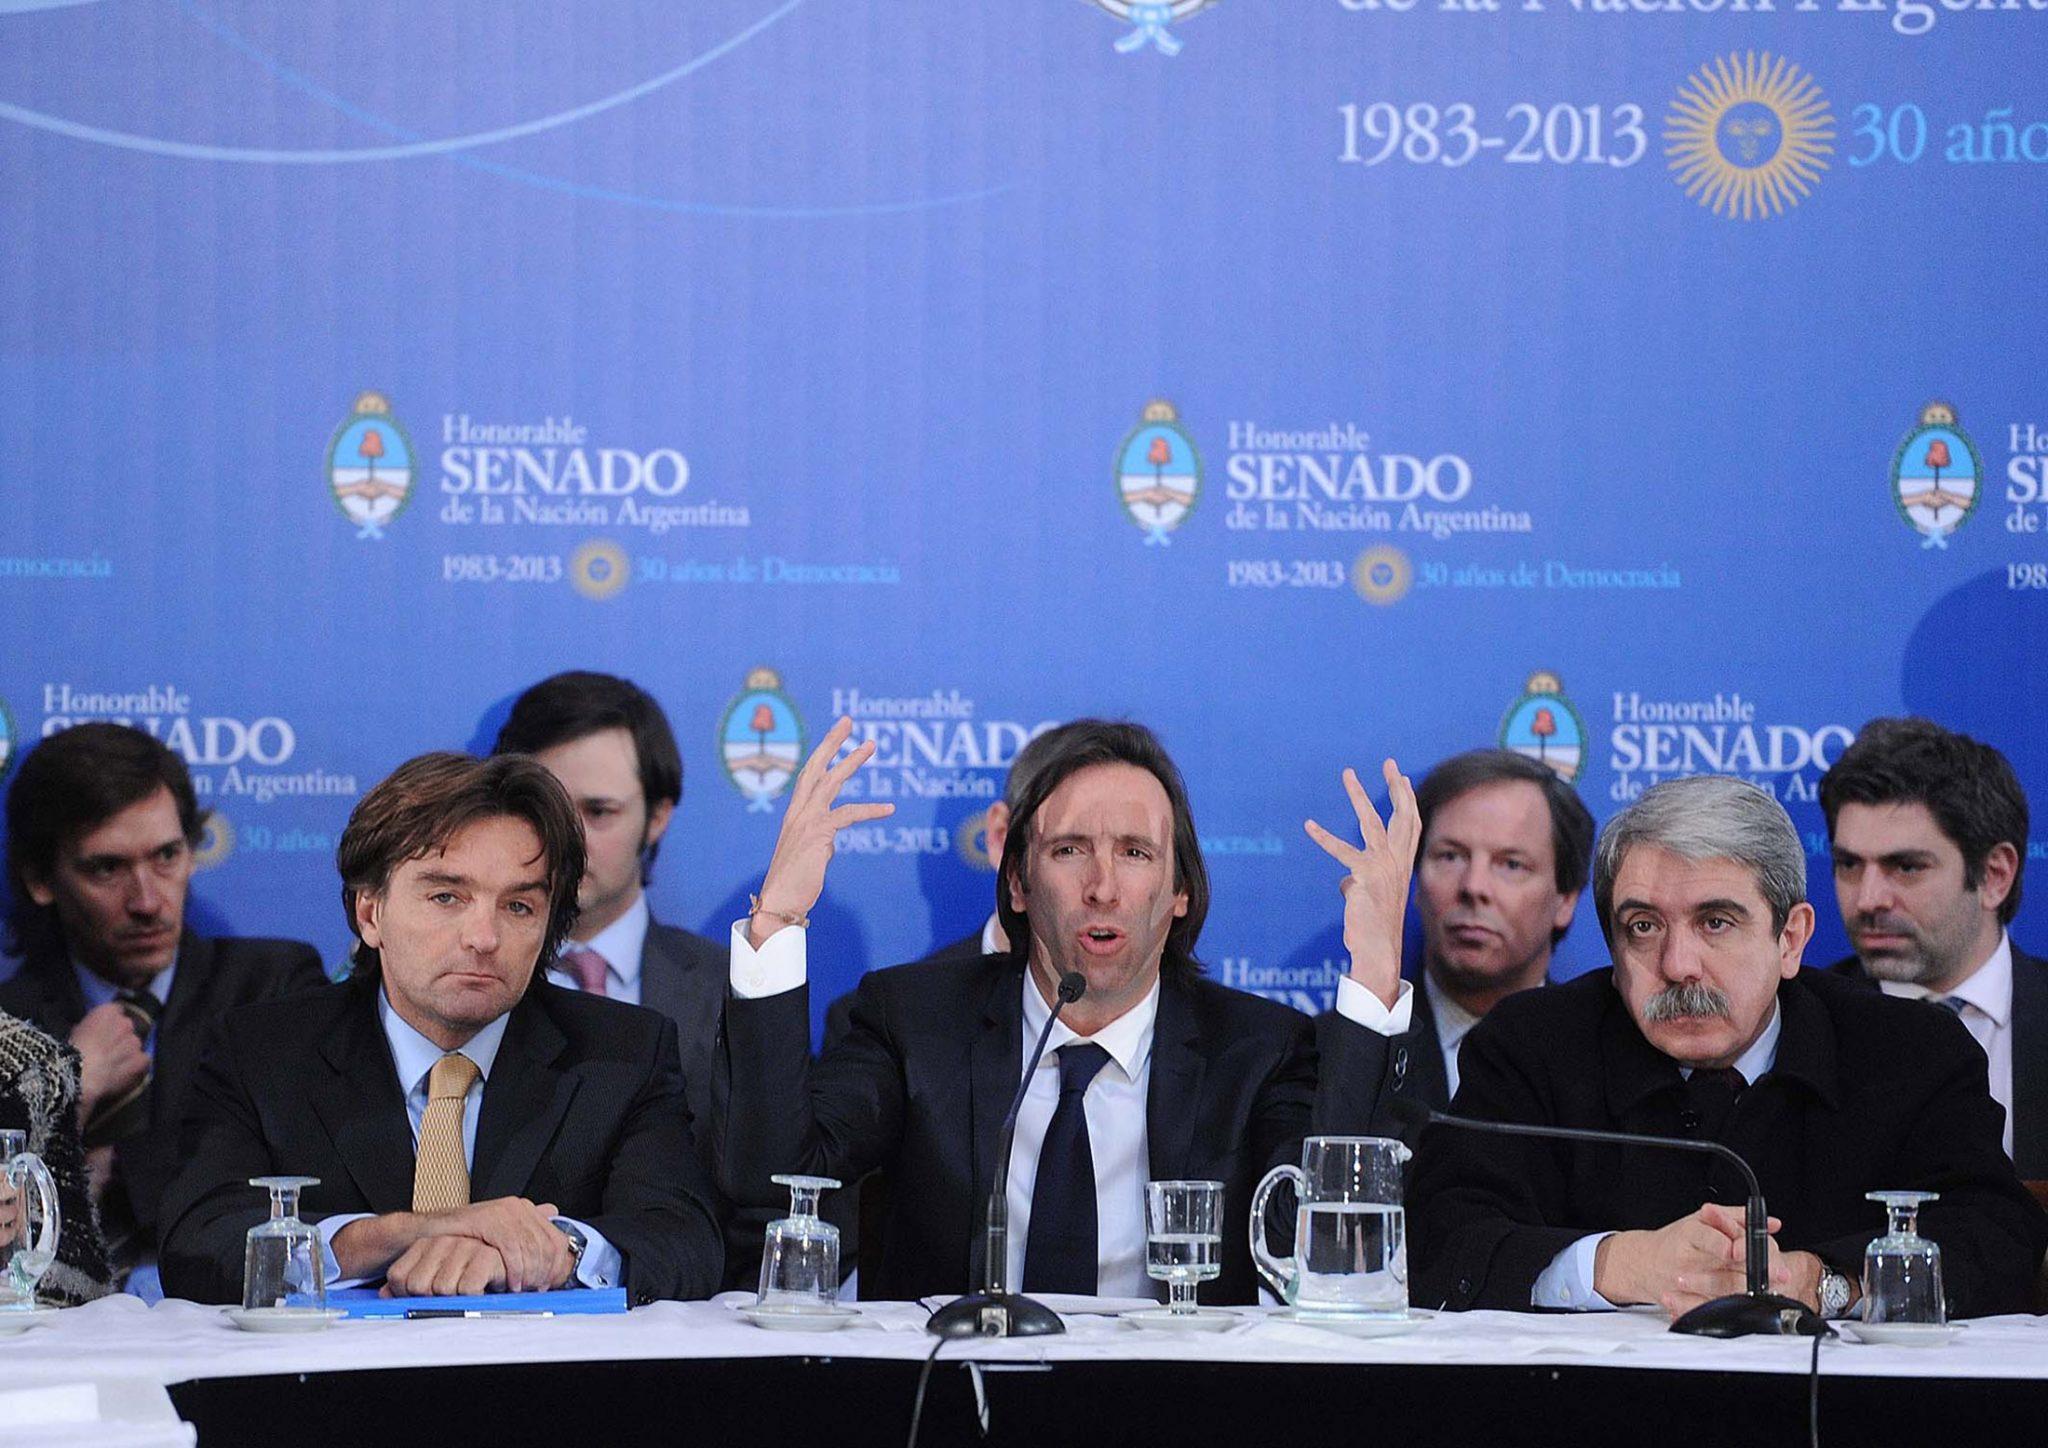 El cobro en Argentina del canje de deuda será voluntario